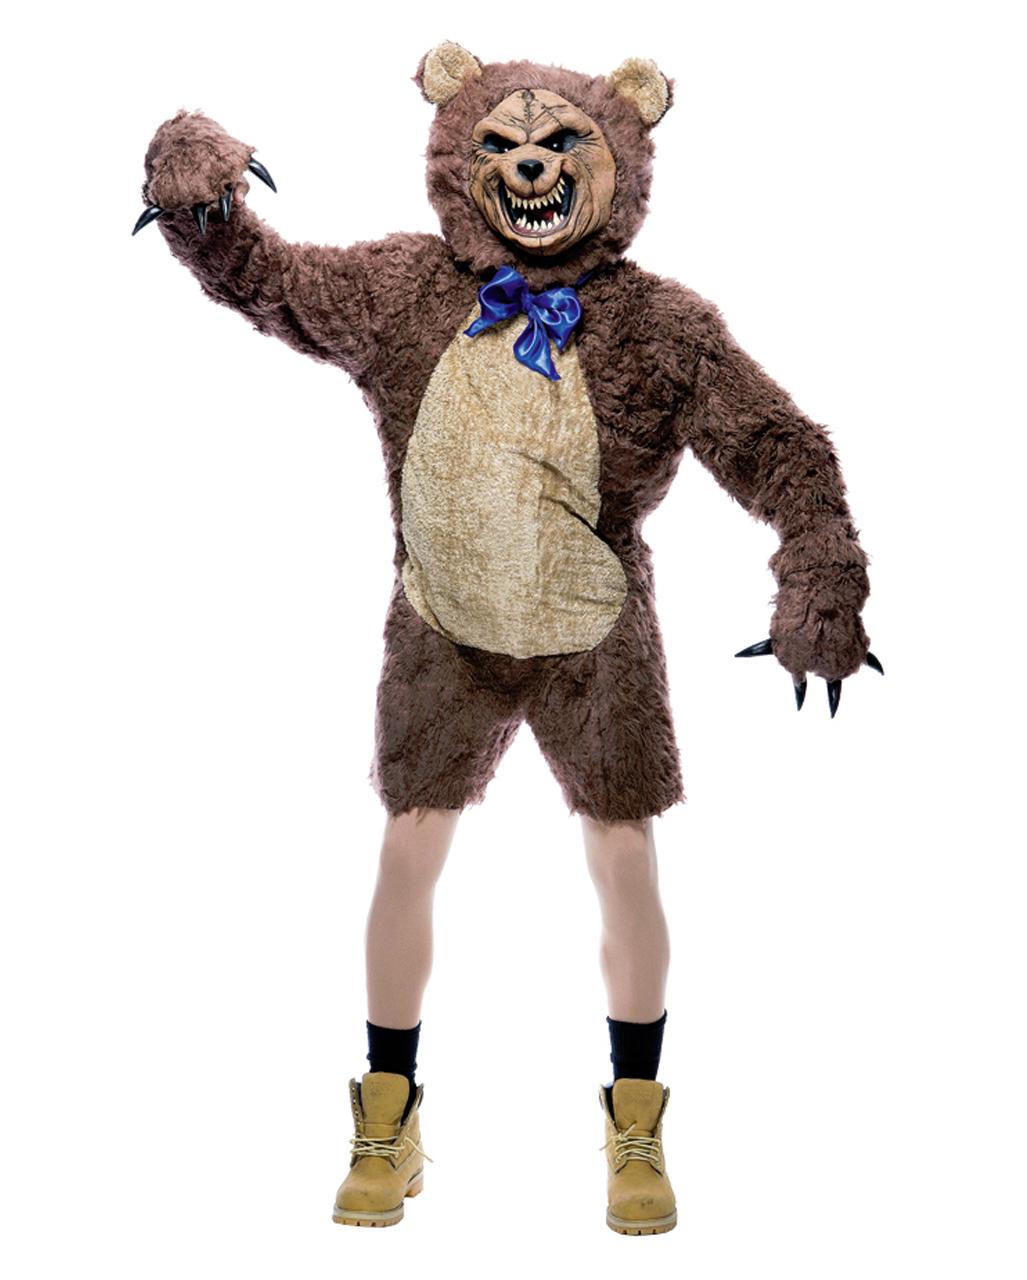 sc 1 st  Horror-Shop.com & Zombie Teddy Bear Costume For Halloween | horror-shop.com